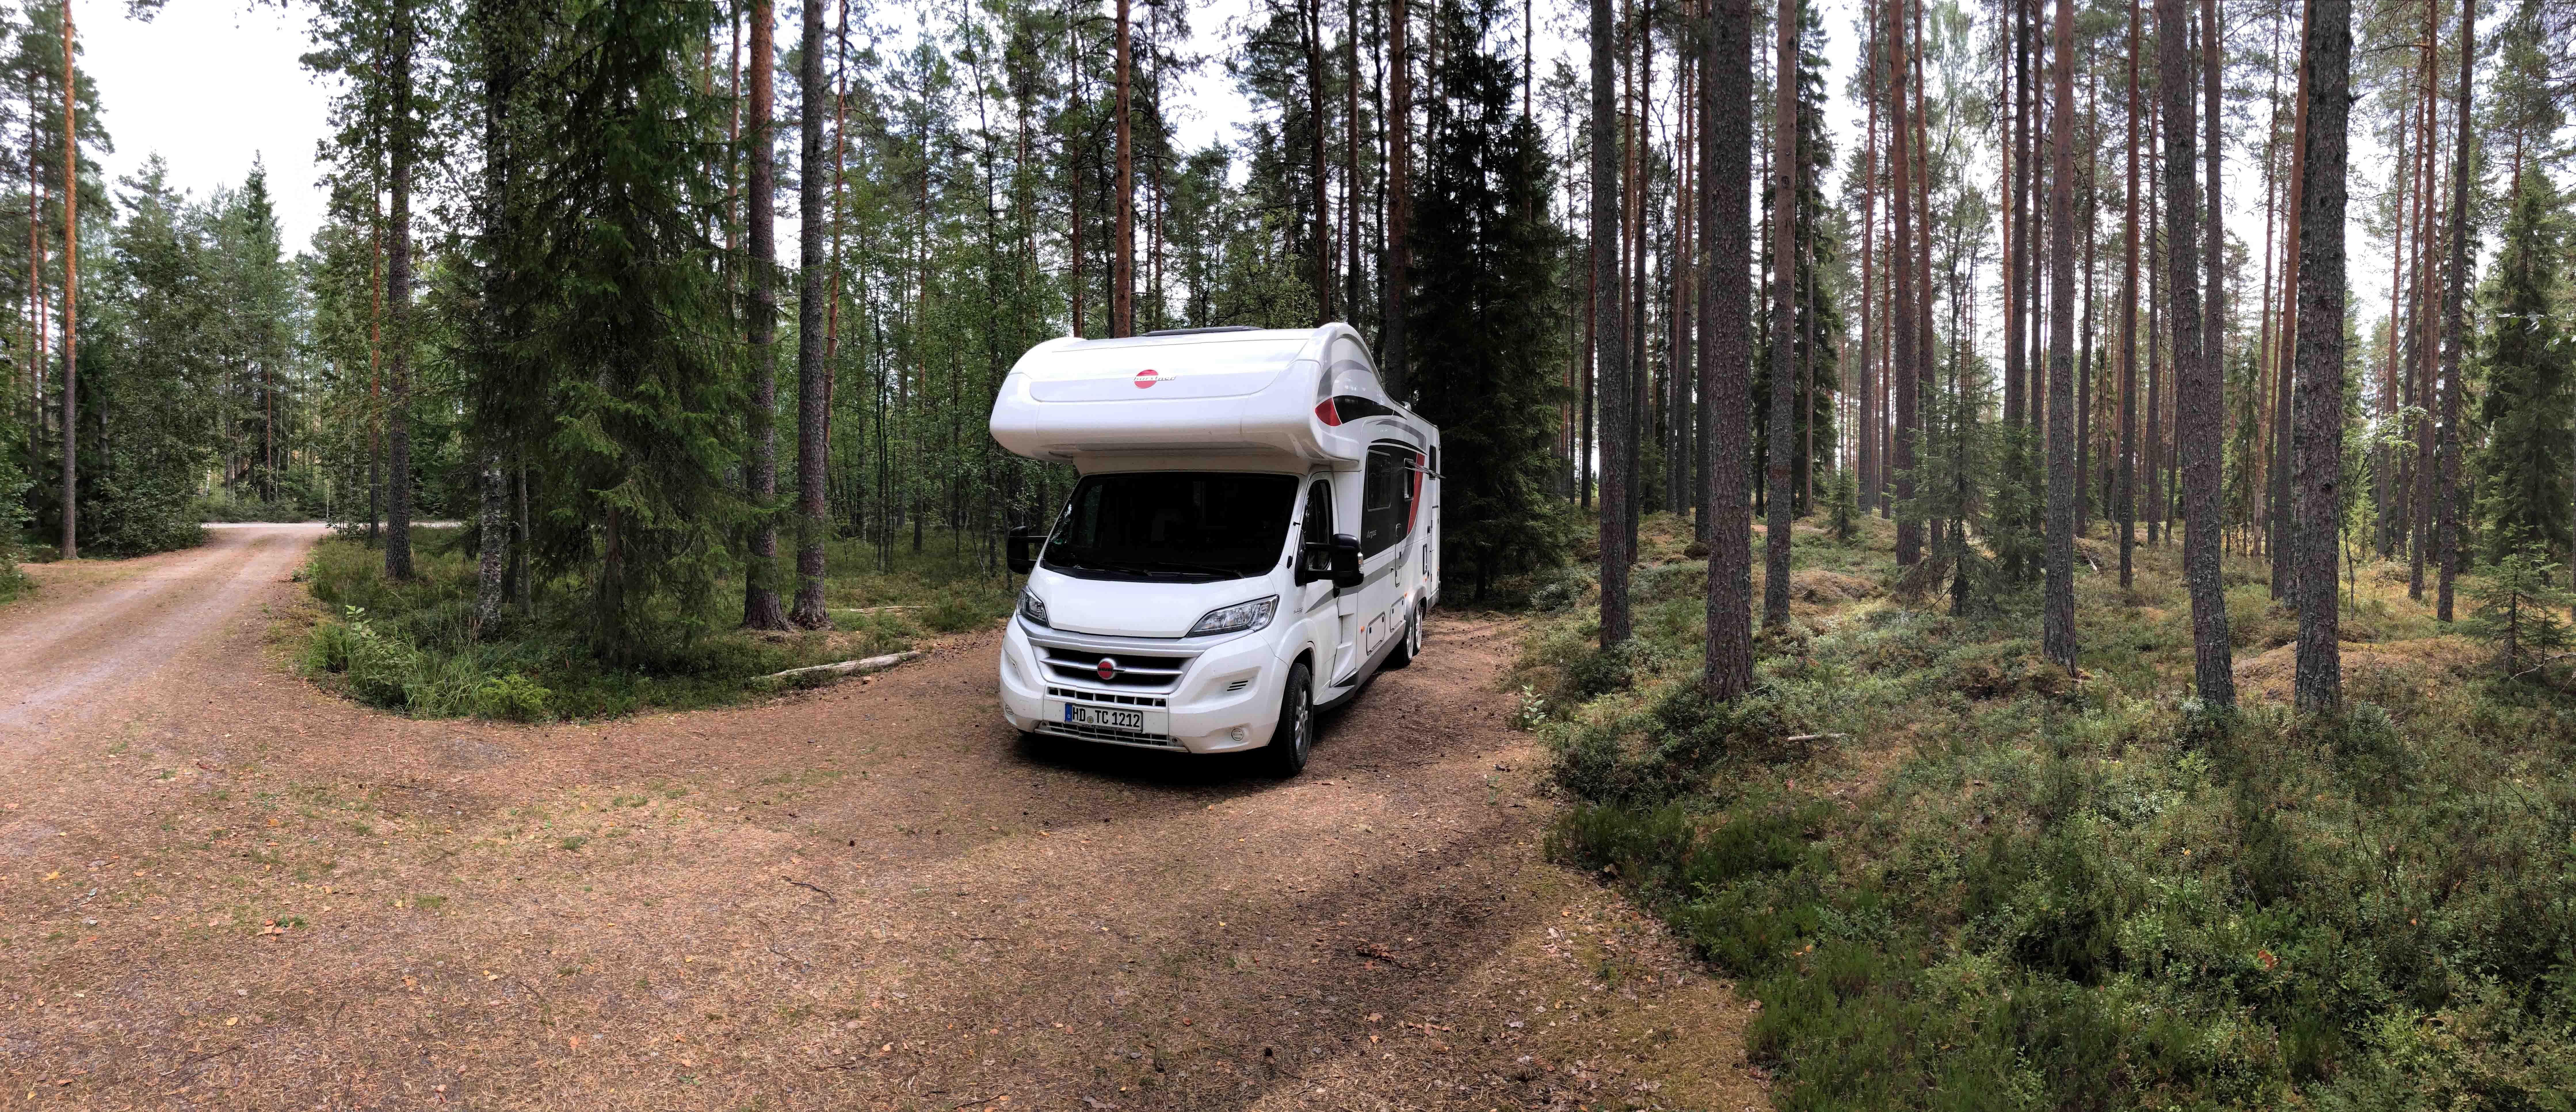 Wanderparkplatz_Helvetinjärvi01